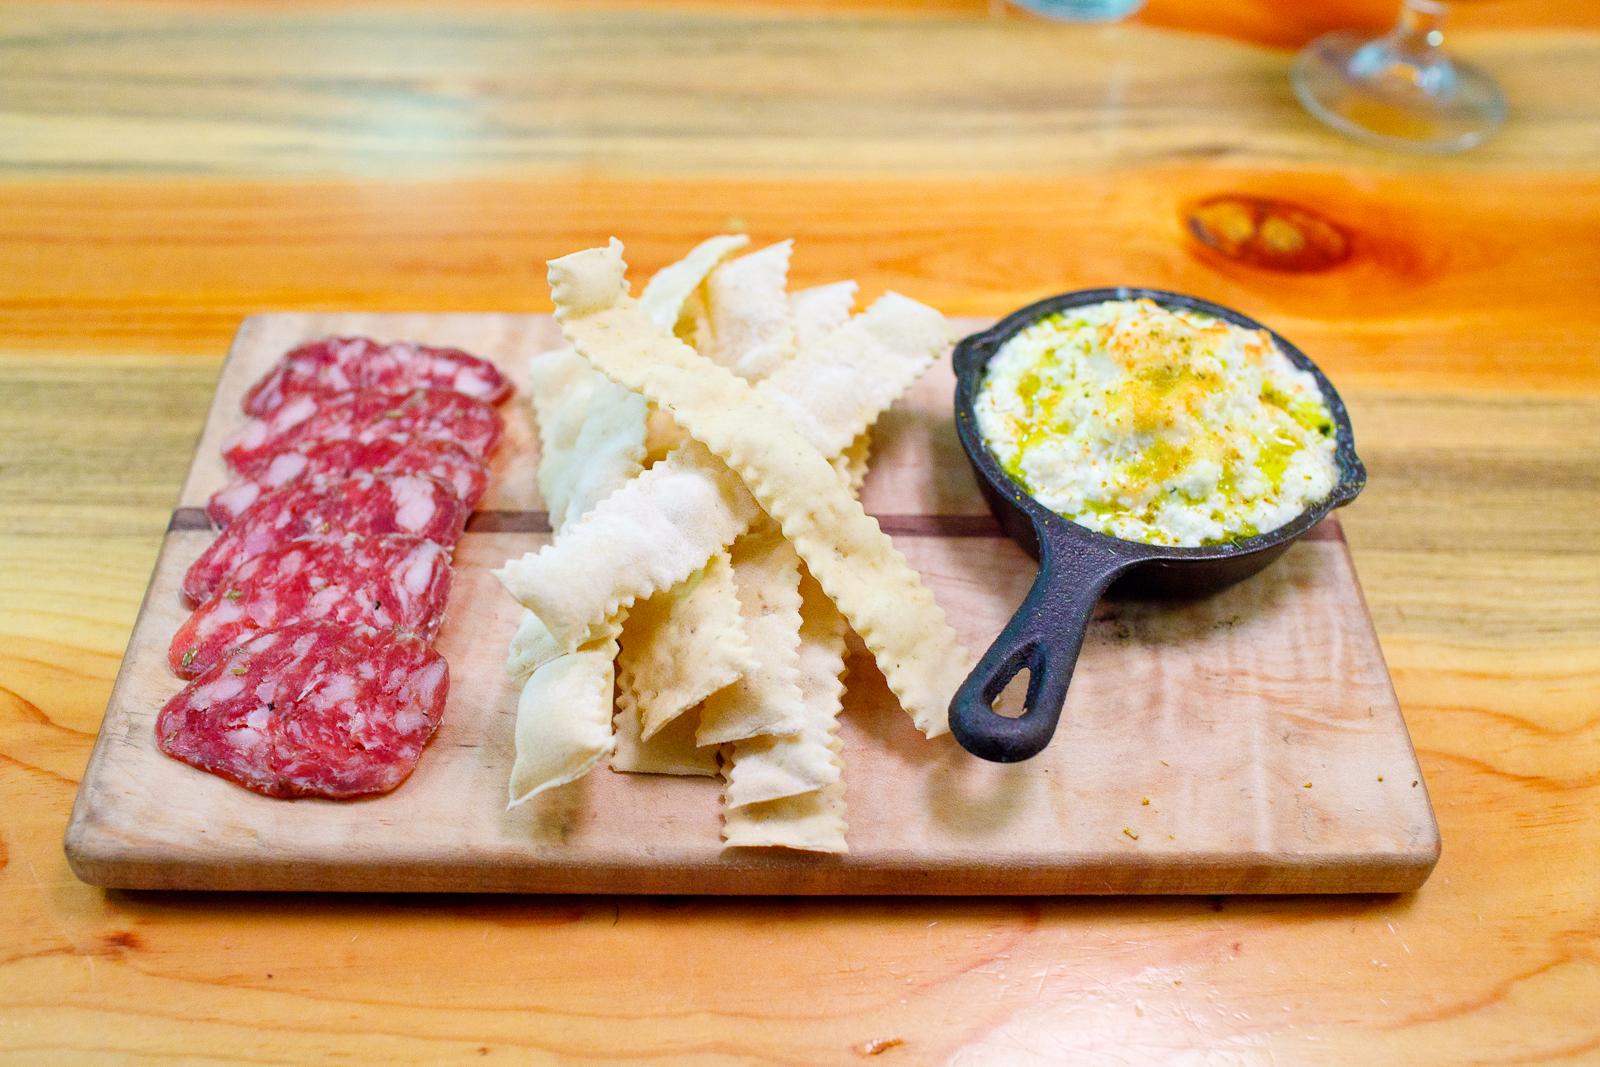 Salumi board: prosciutto (richmond, va), hot coppa (denver, co), americano (salt lake city, ut), pickles ($16)